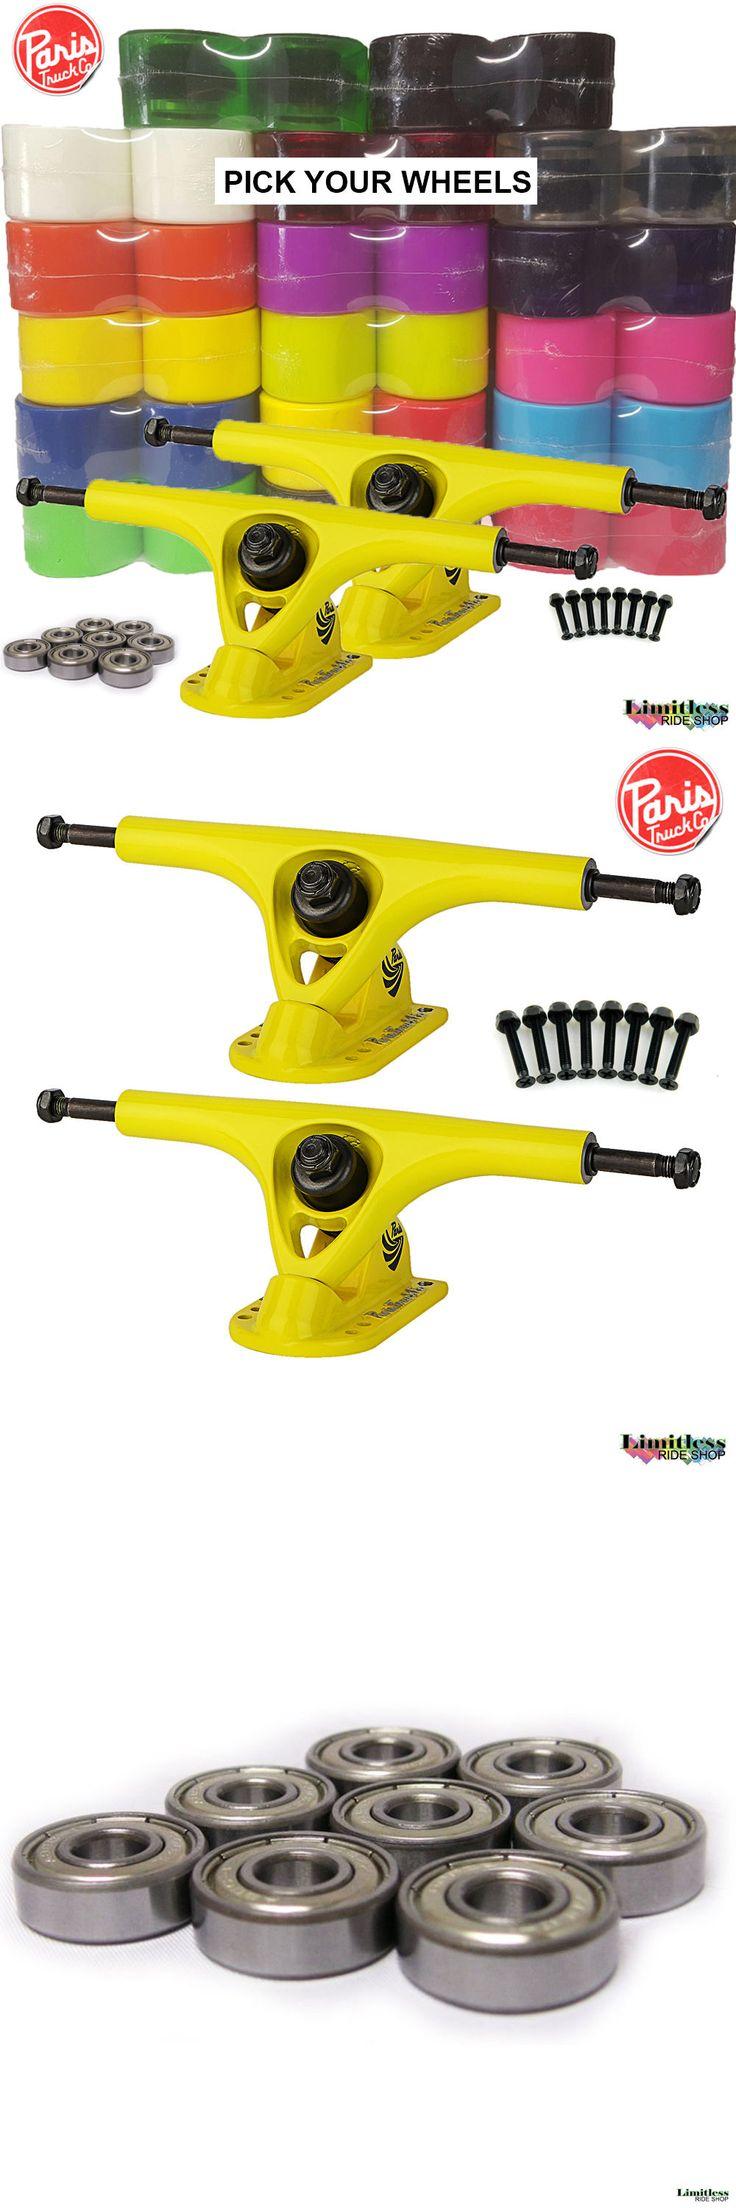 Trucks 165945: Paris Longboard Trucks 180Mm V2 Kit Yellow Yellow + 70 76Mm Wheels Skateboard -> BUY IT NOW ONLY: $56.21 on eBay!